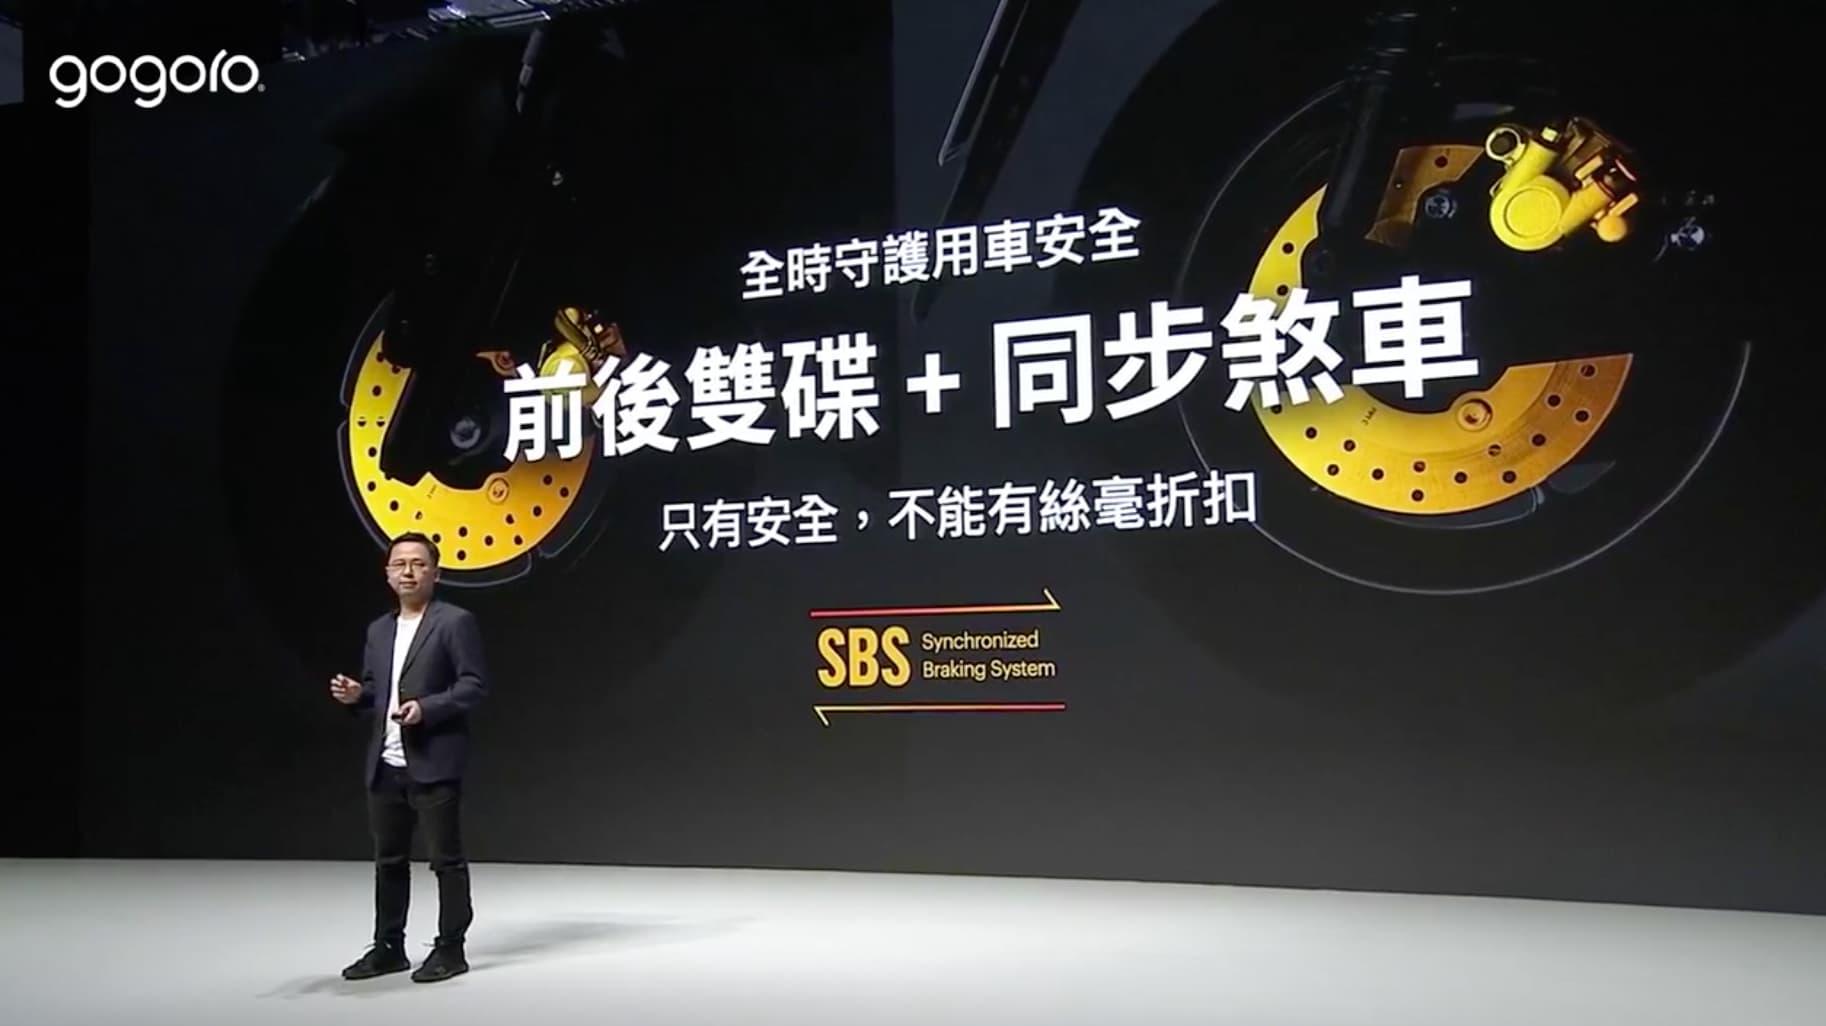 SBS同步煞車系統、MAEV 輪胎、車架剛性提升